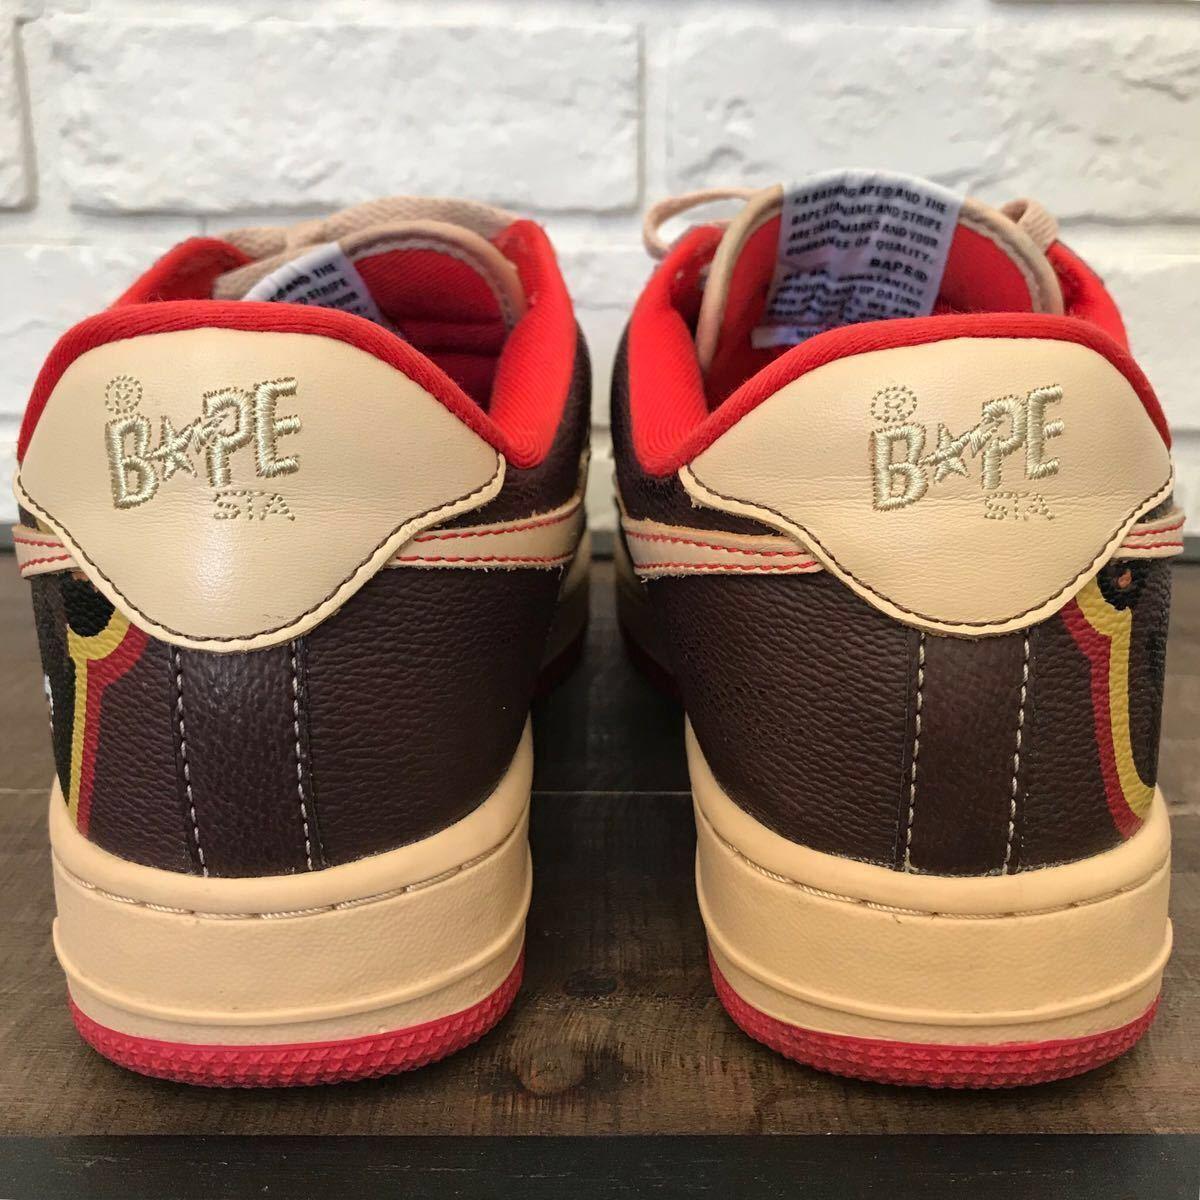 ★激レア★ BAPESTA kanye west 27cm a bathing ape BAPE STA ベイプスタ カニエ エイプ ベイプ スニーカー sneakers pharrell kaws nigo